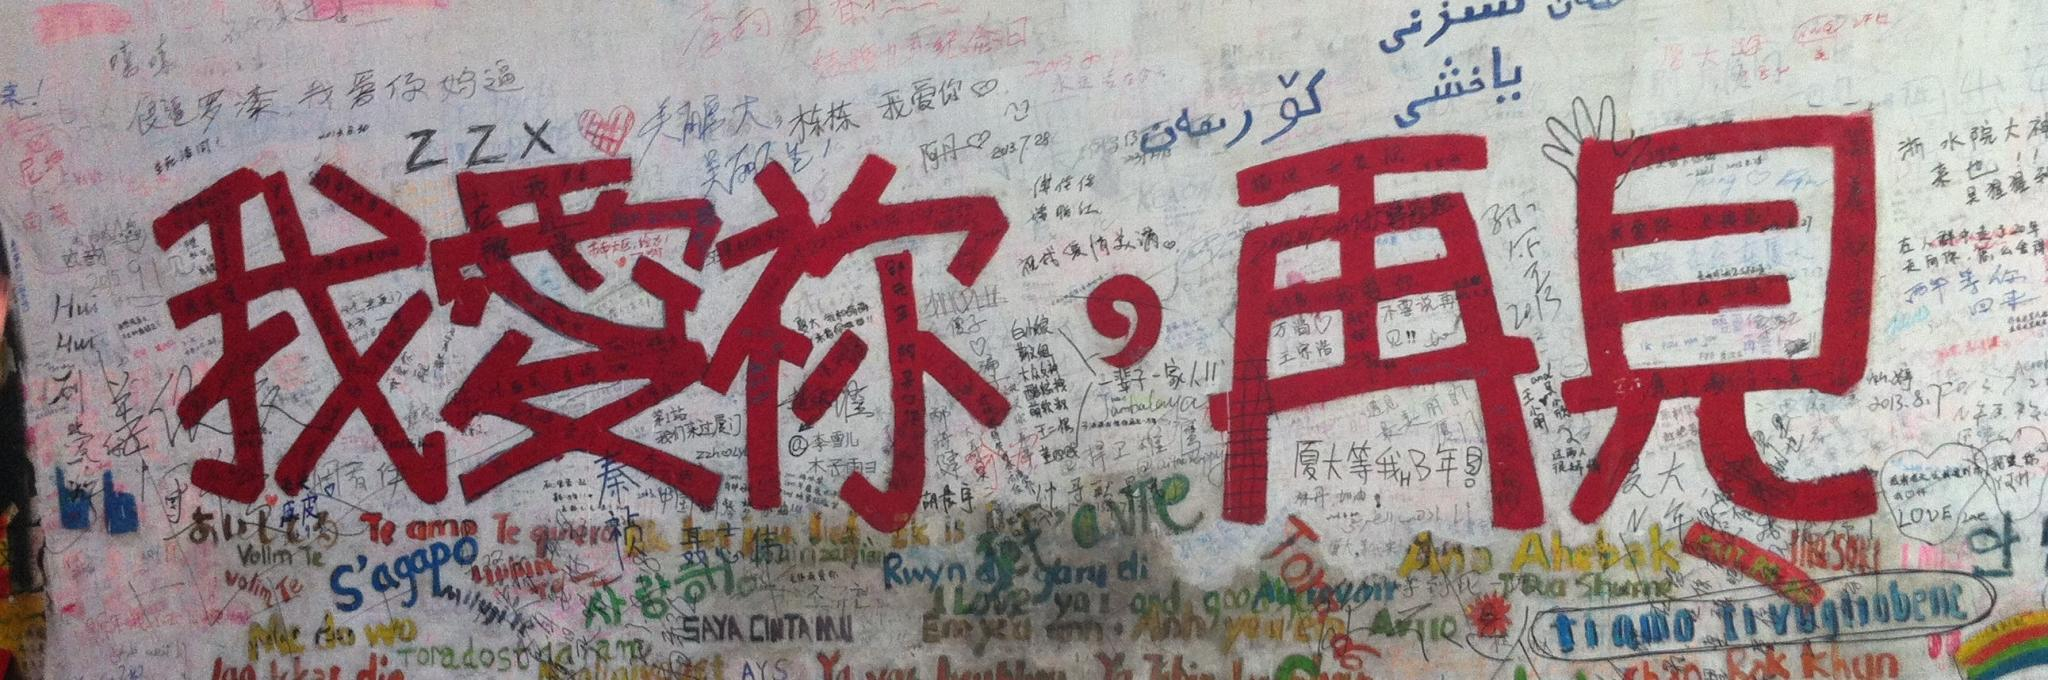 厦门+鼓浪屿+武夷山旅游滚球bet365yazhou_足球滚球365_365滚球手机客户